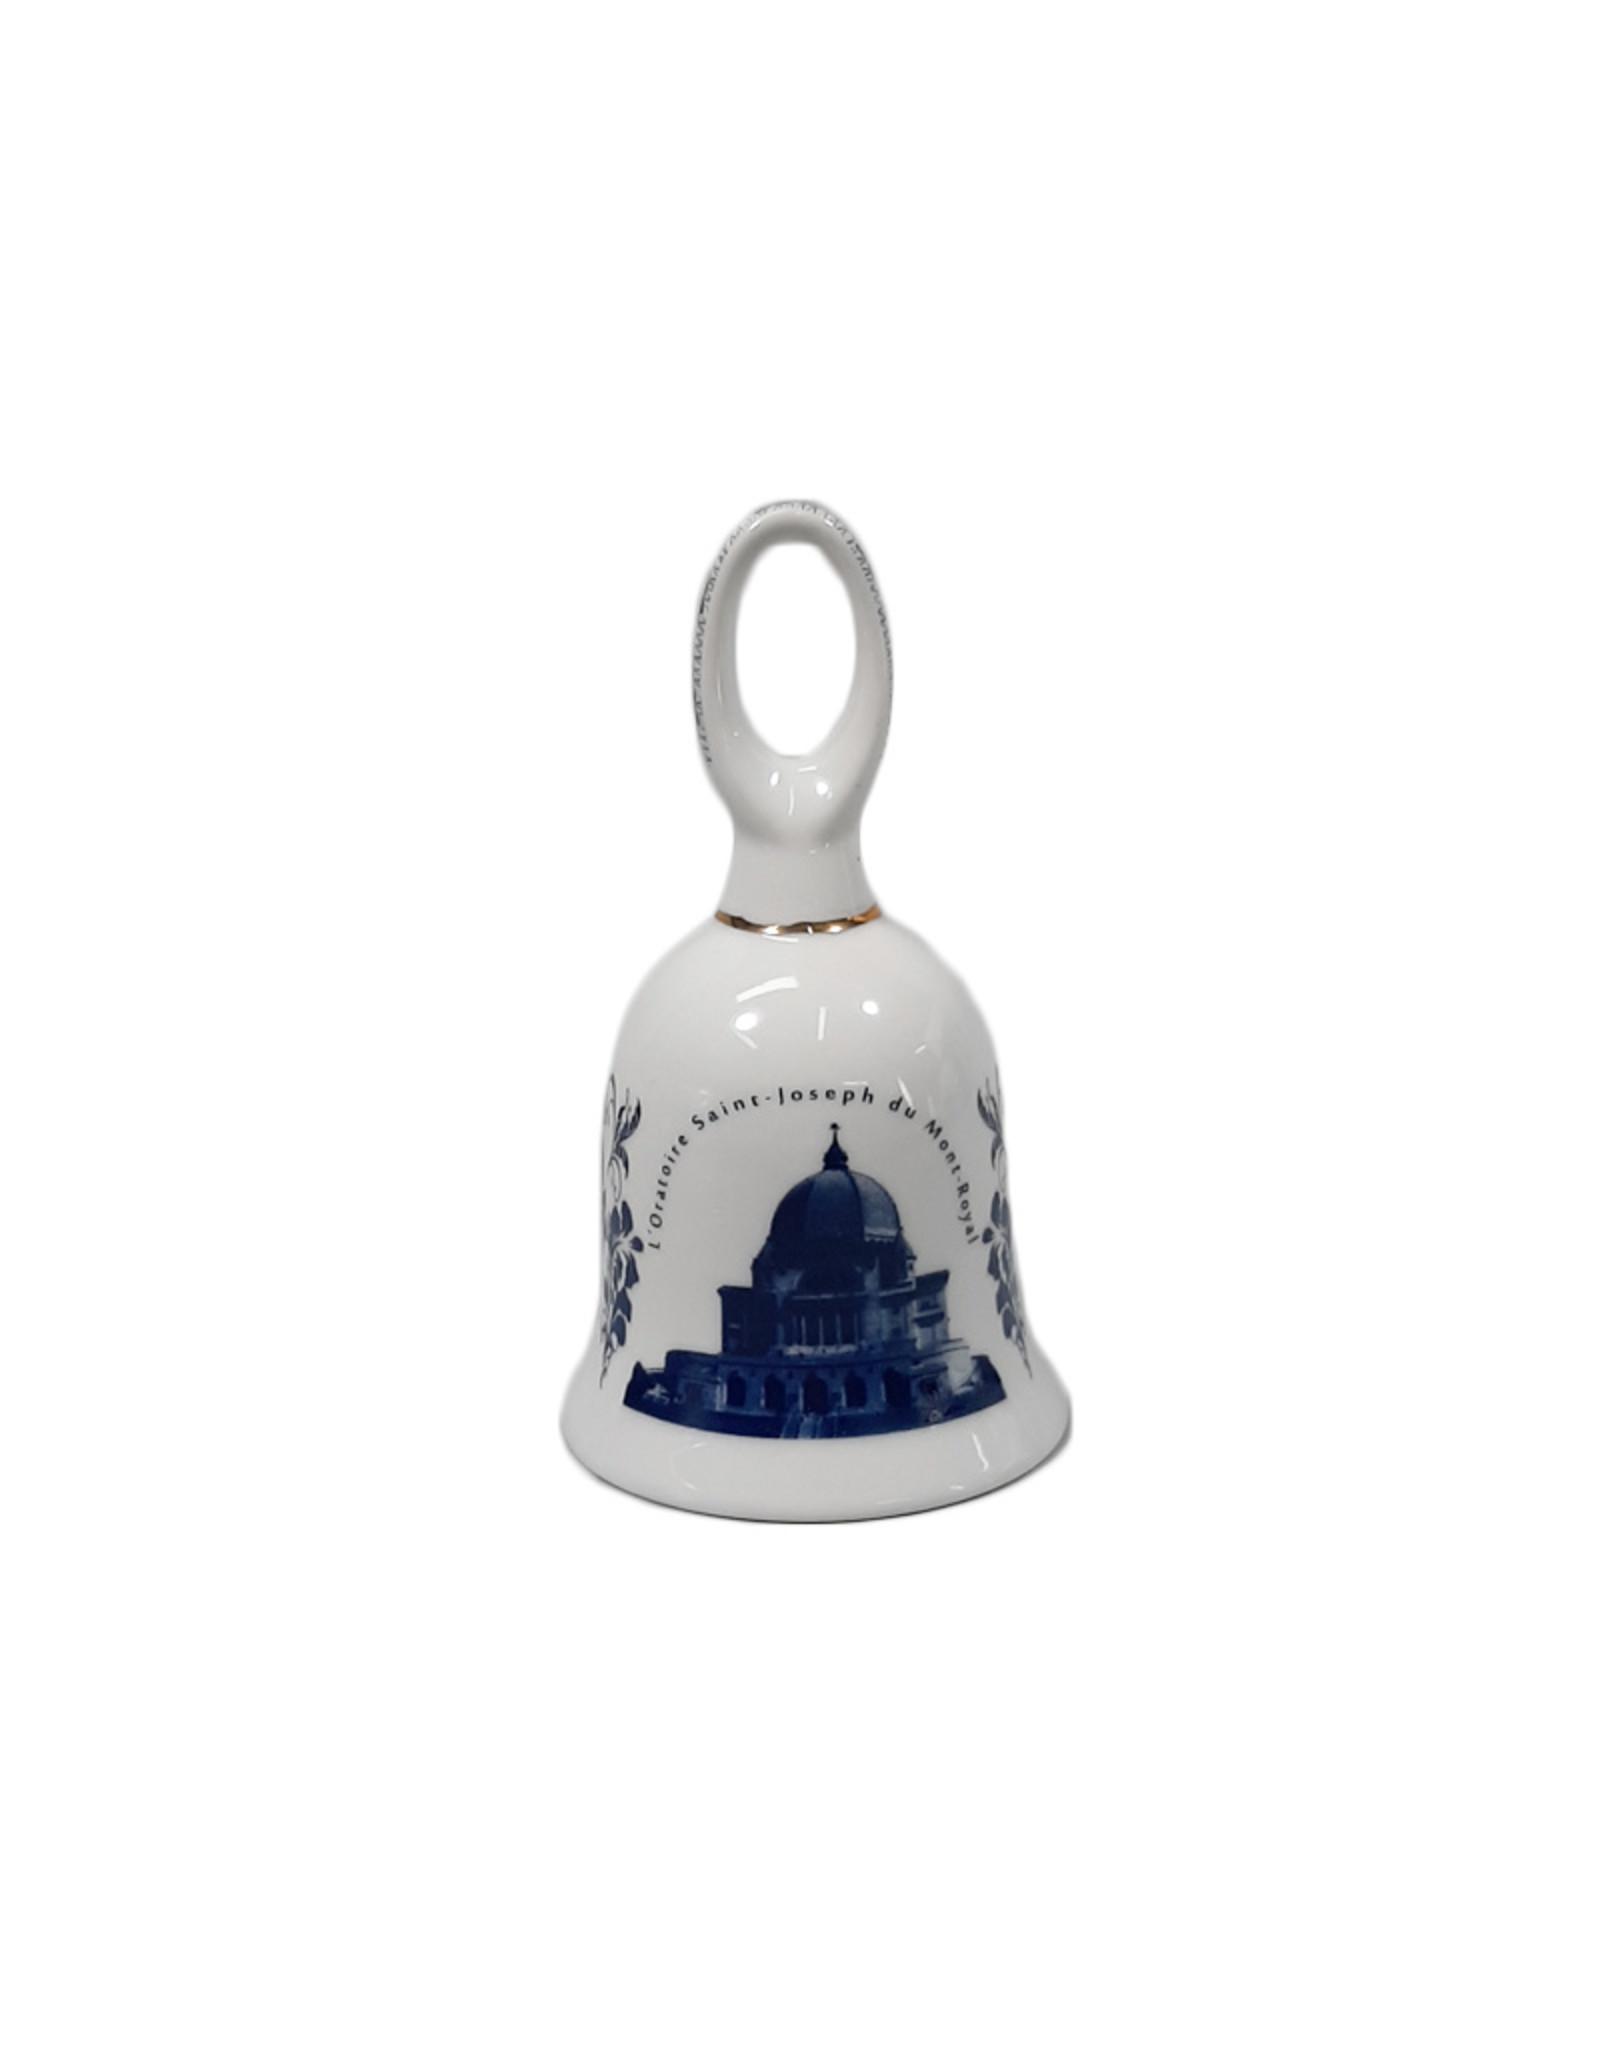 Cloche souvenir de l'Oratoire Saint-Joseph en porcelaine